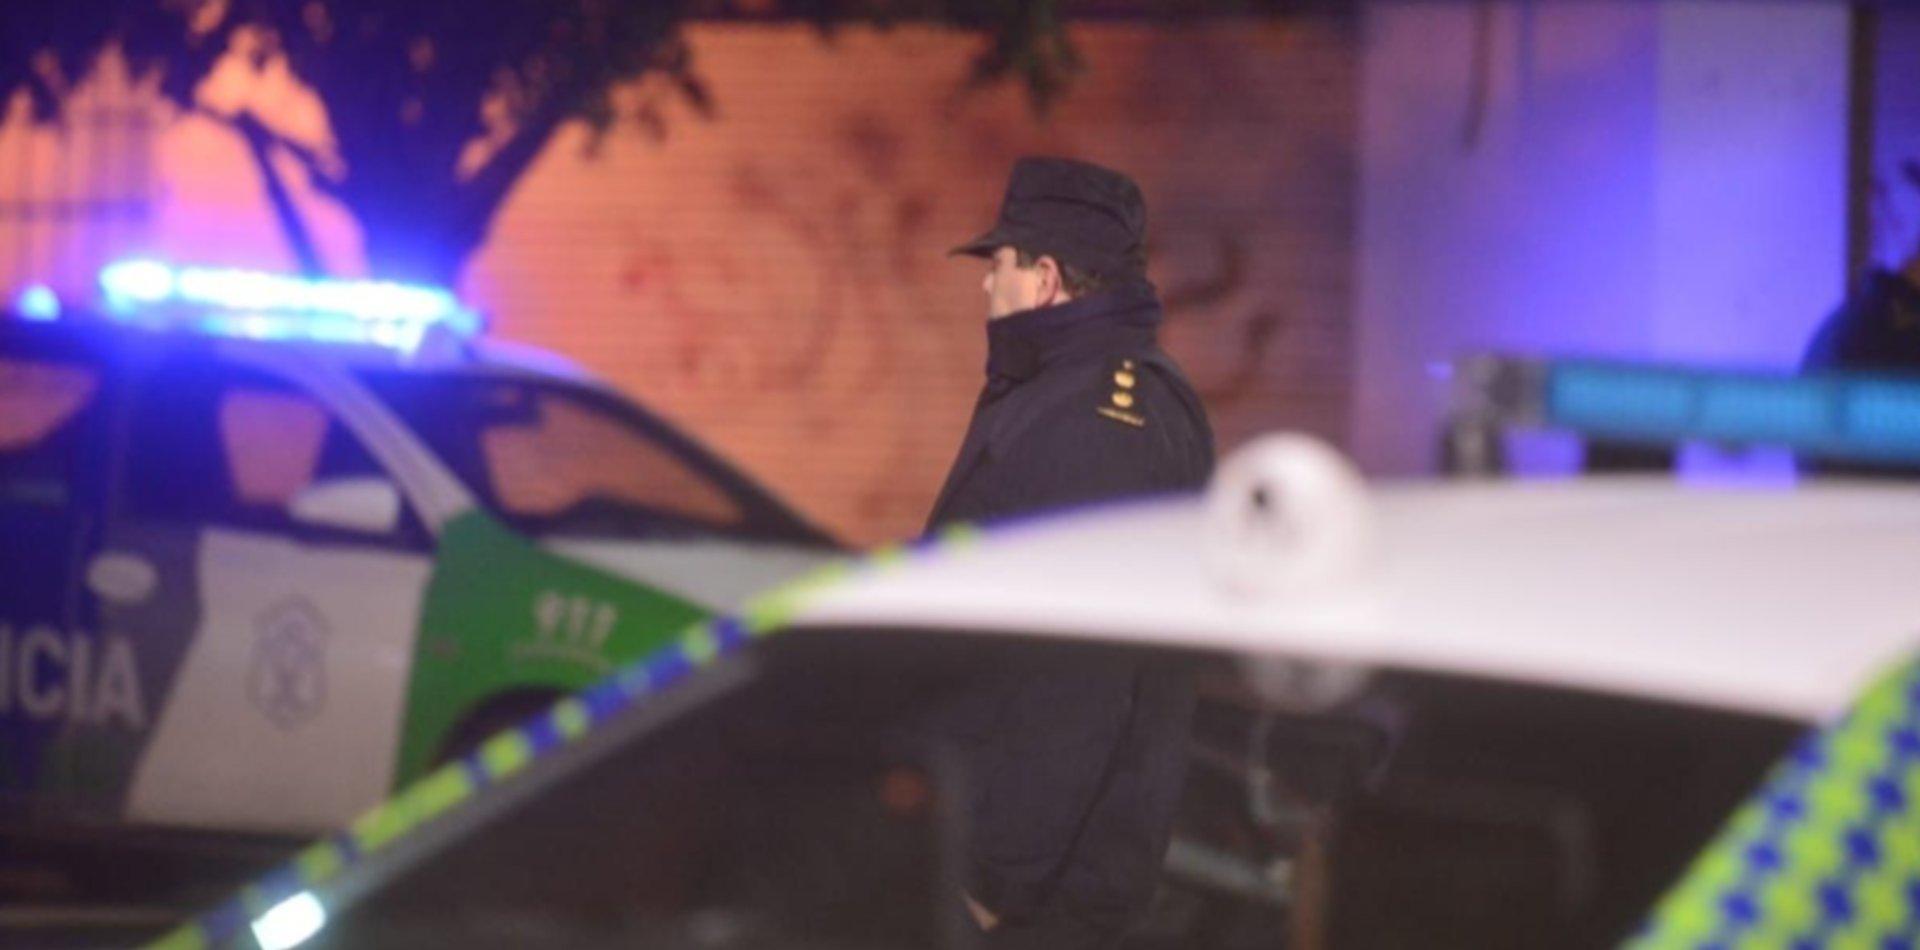 Mataron a un joven a tiros en una presunta toma de terrenos